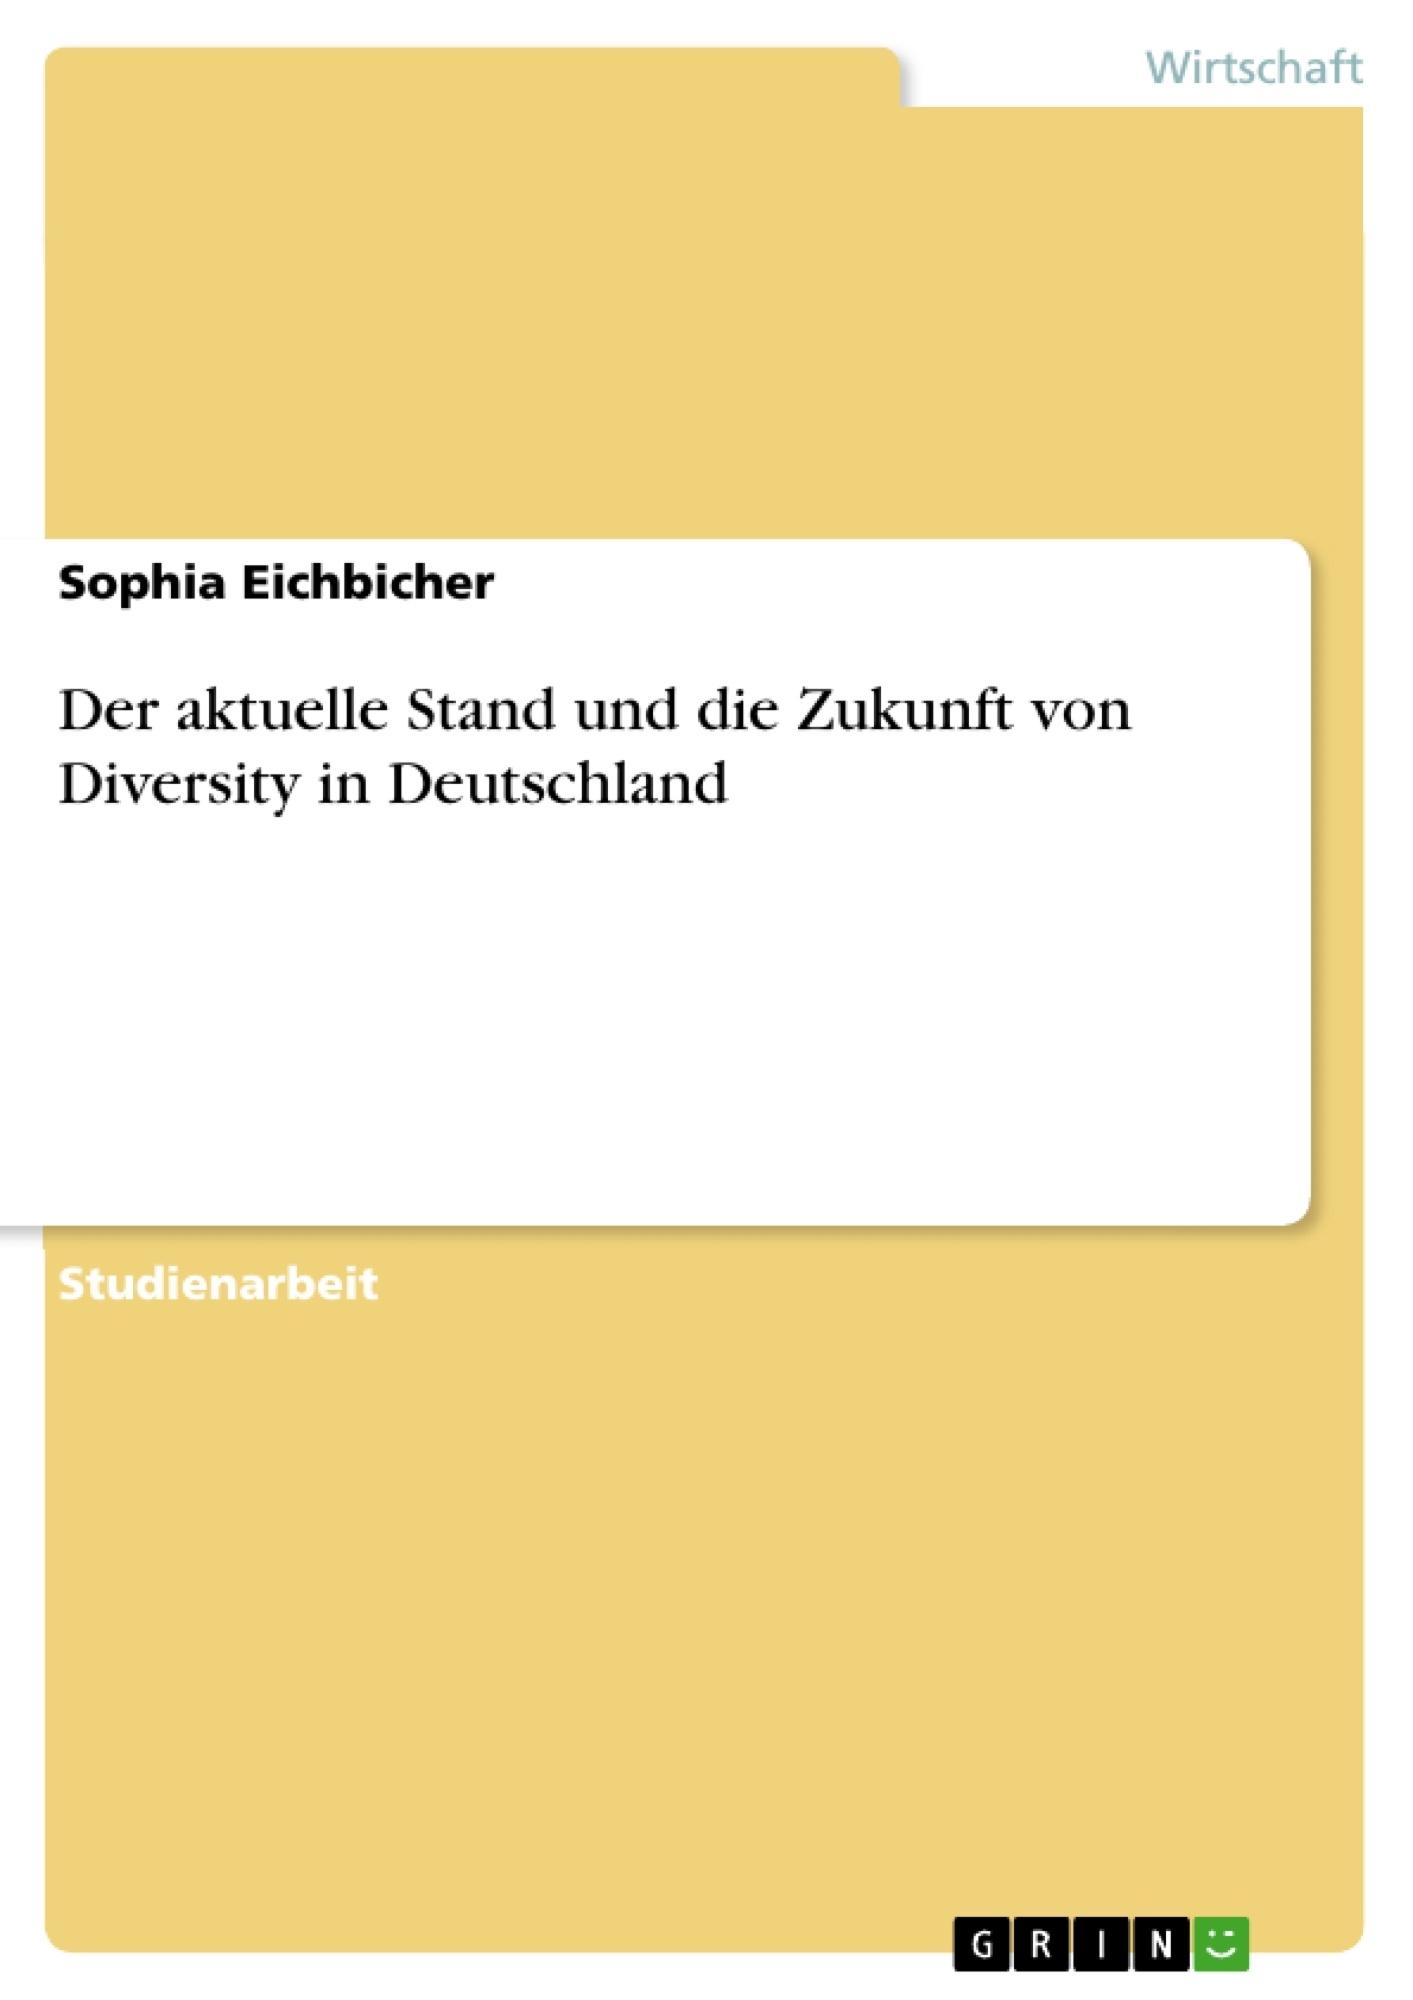 Titel: Der aktuelle Stand und die Zukunft von Diversity in Deutschland